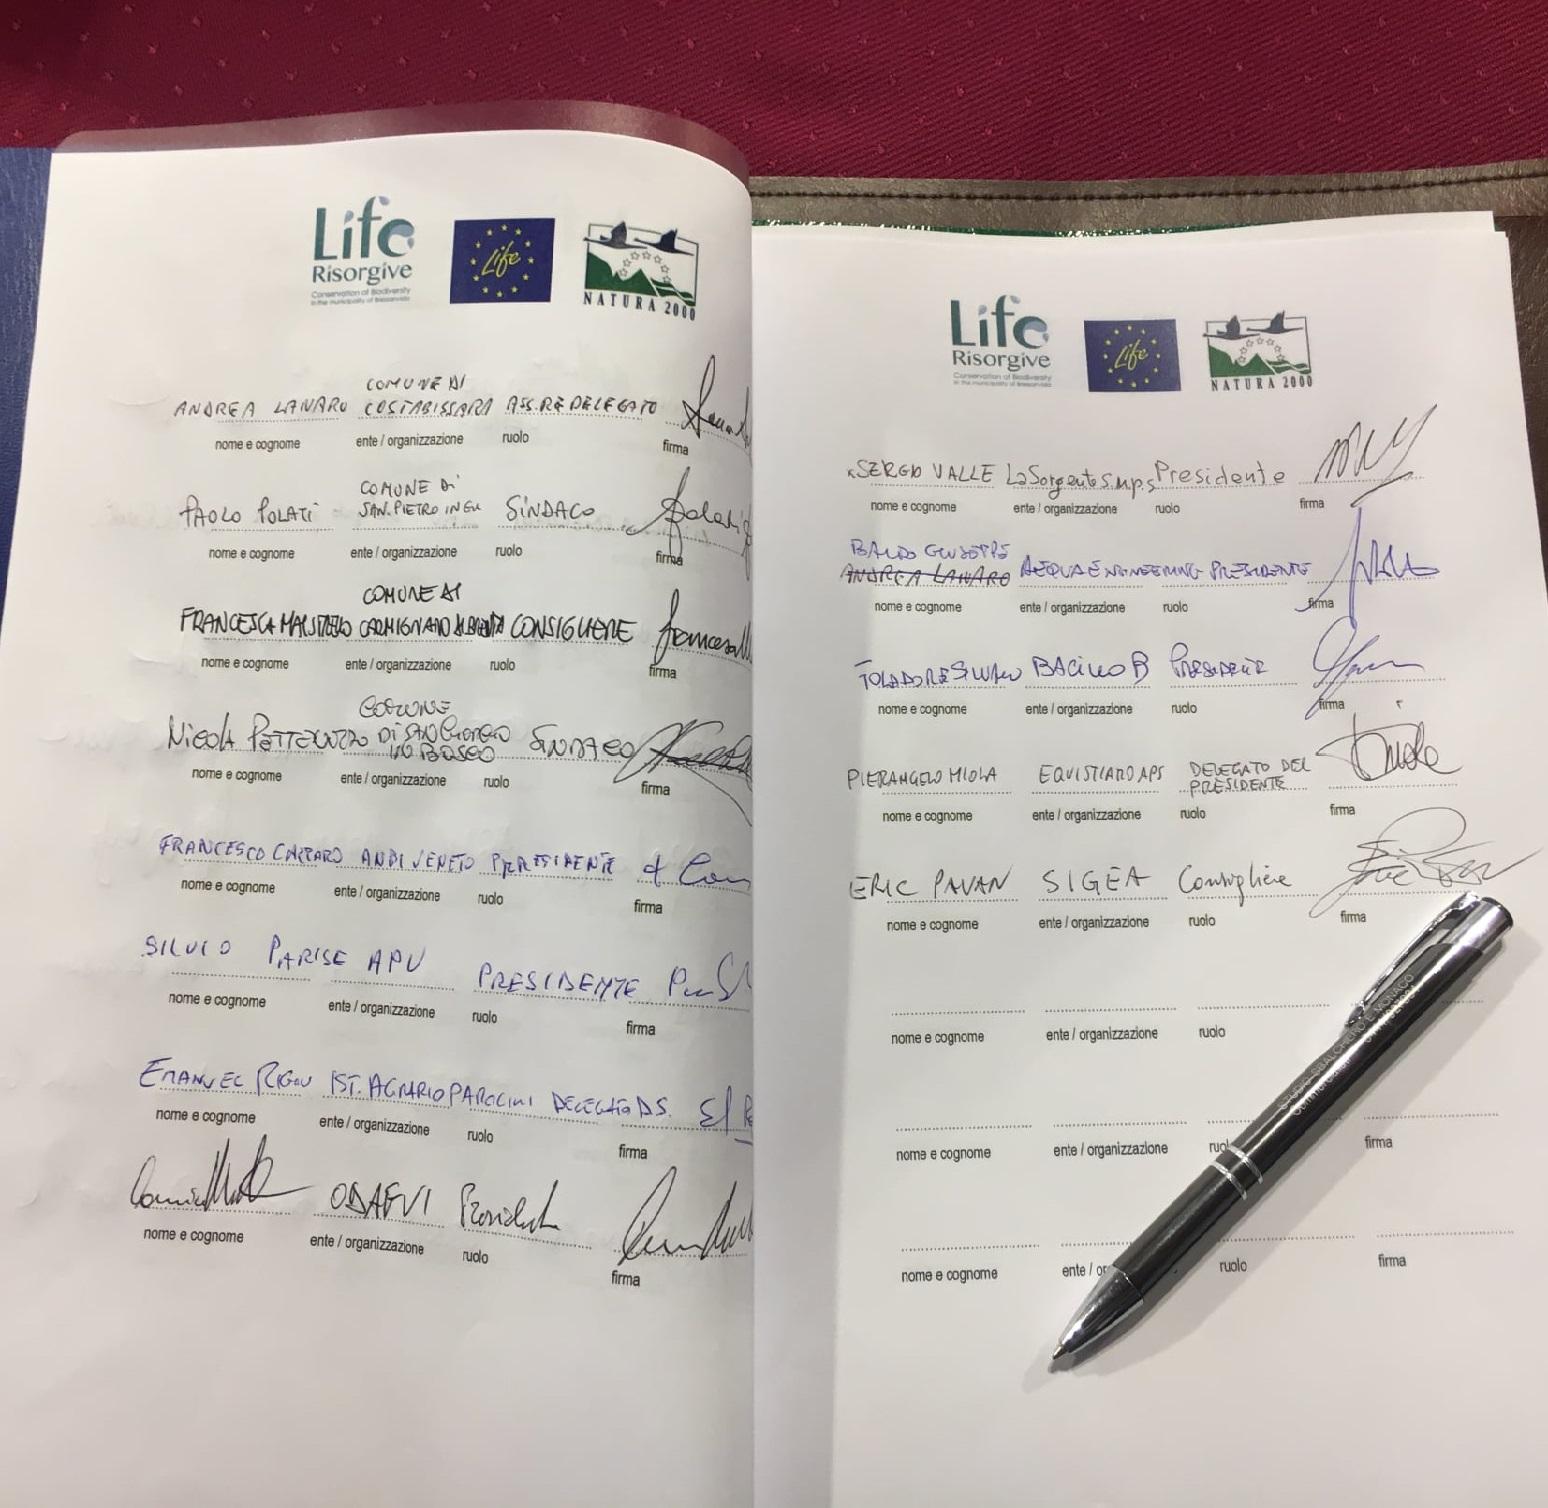 Firma del Contratto di Risorgiva - Life Risorgive